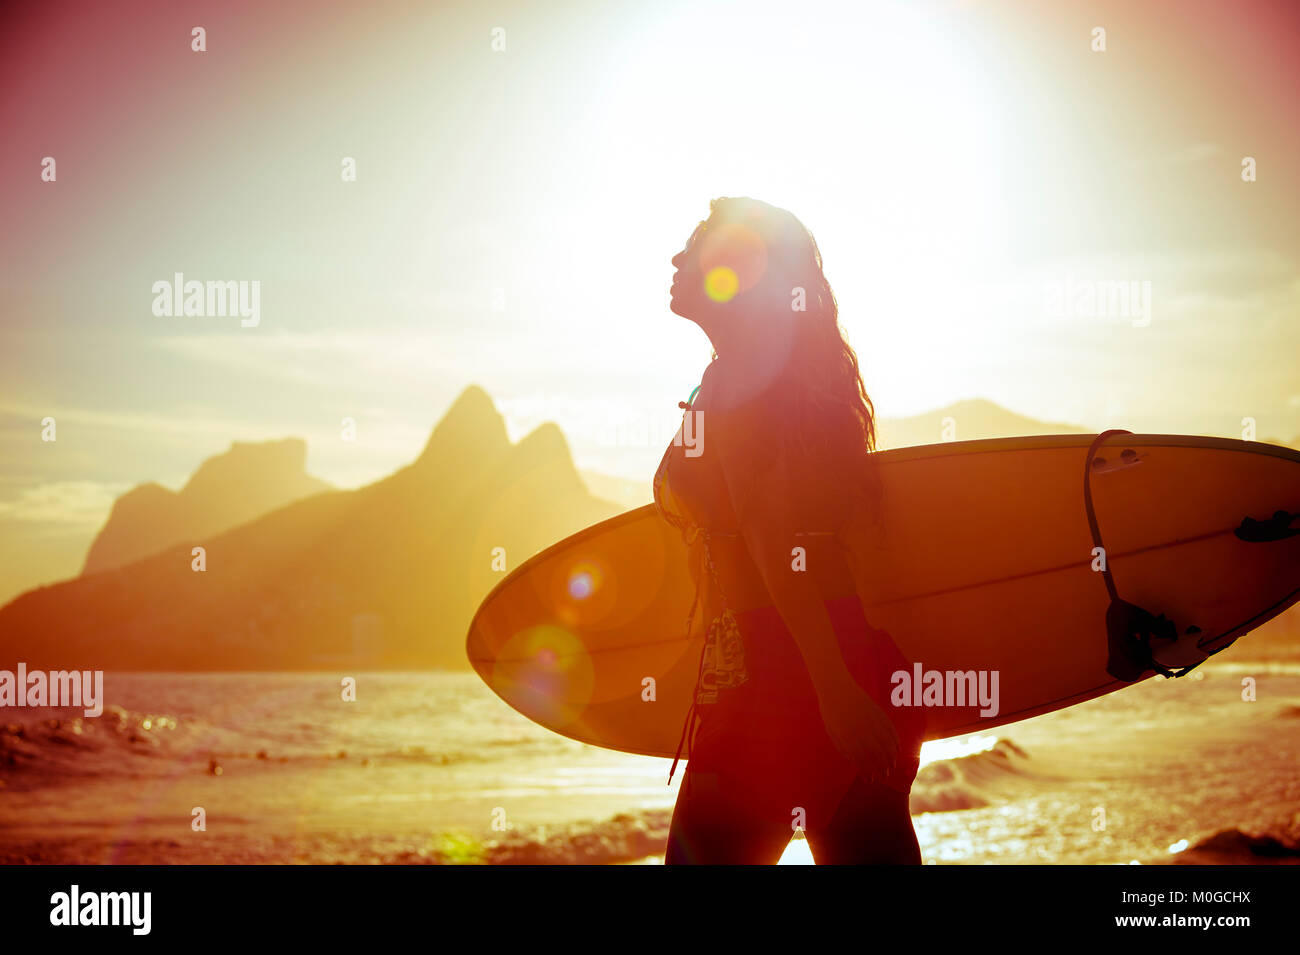 Méconnaissable silhouette de femme surfer autour de l'Arpoador, spot de surf populaire à Rio de Janeiro, Photo Stock